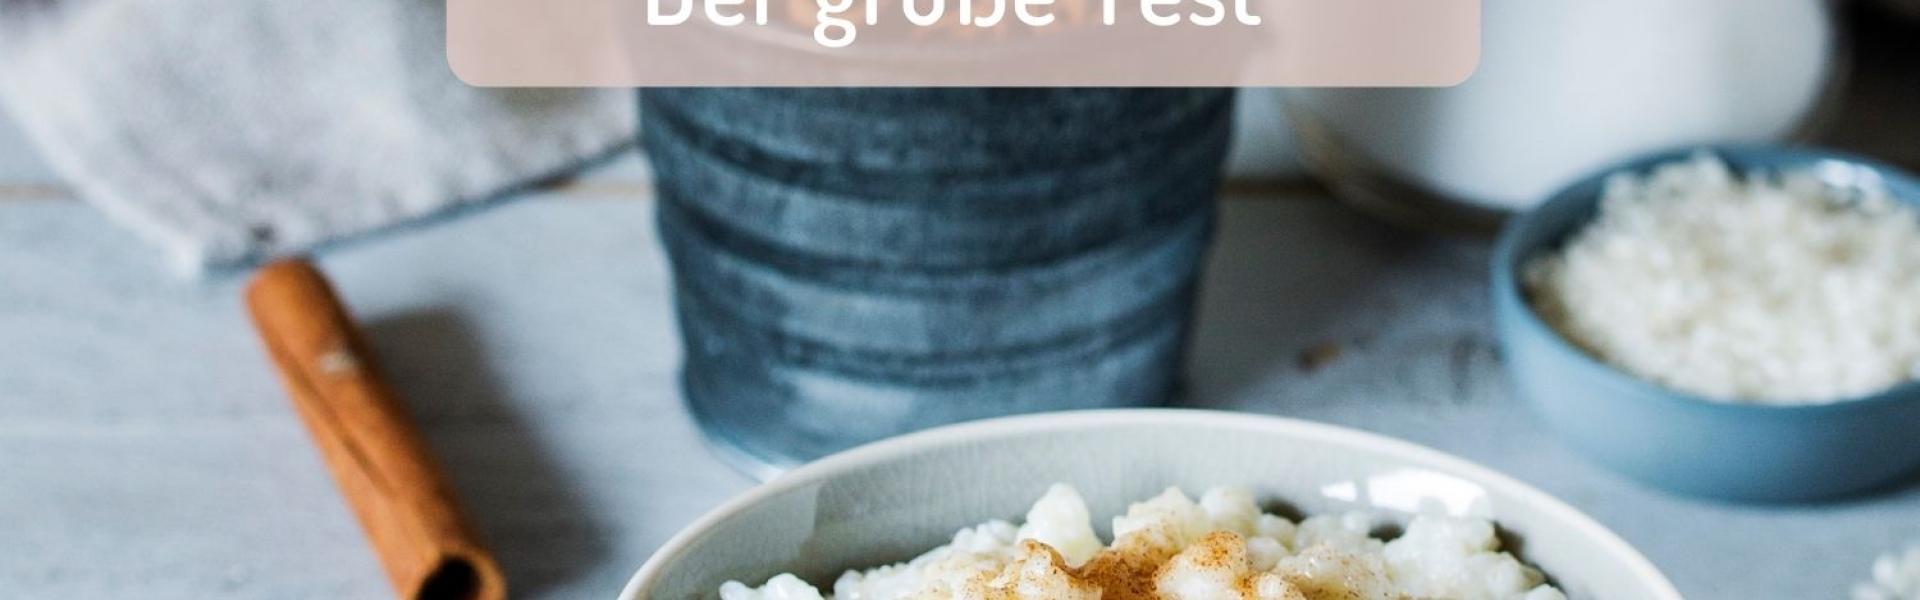 Milchreis in hellblauer Schüssel mit Zimt und Zucker bestäubt.